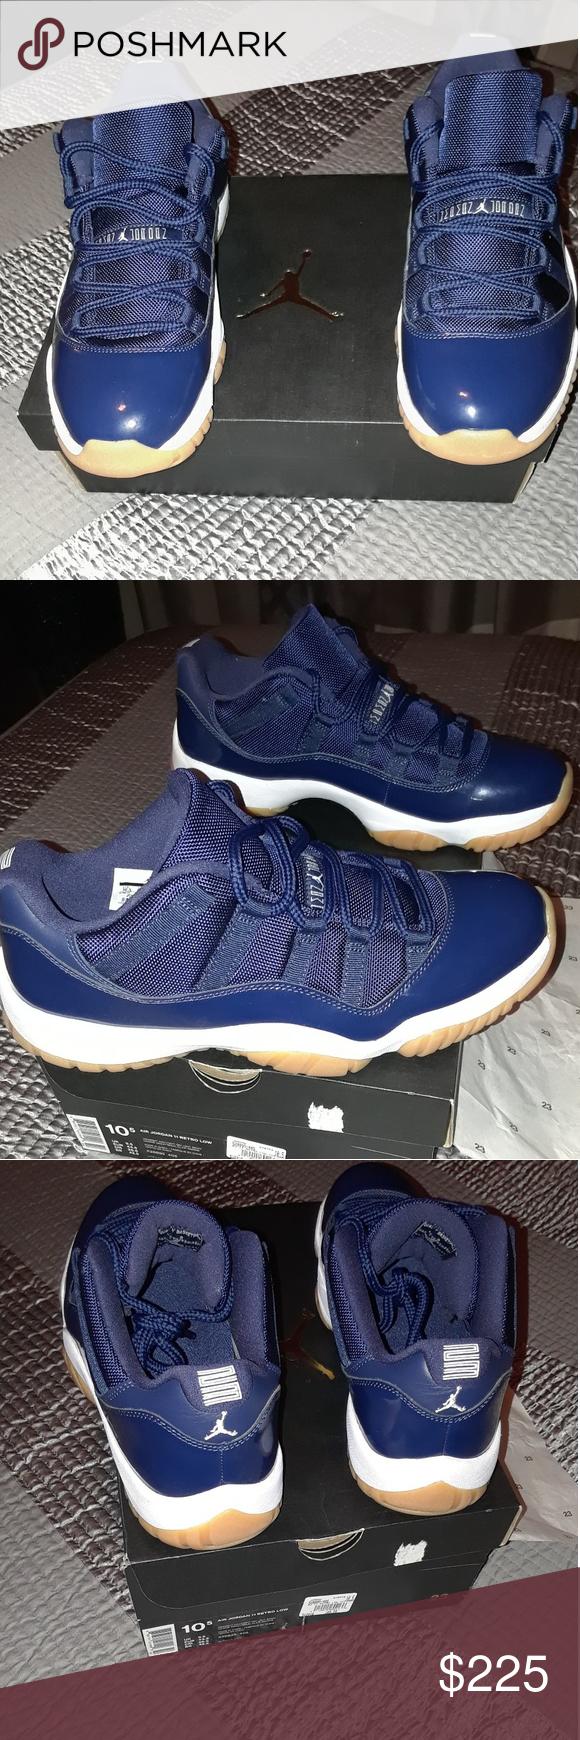 uk availability 0e4c4 44b11 Jordans 11S Deadstock Jordan 11s Brand new size 10.5 mens navy blue  gummy  bottoms selling for what I paid for them Jordan Shoes